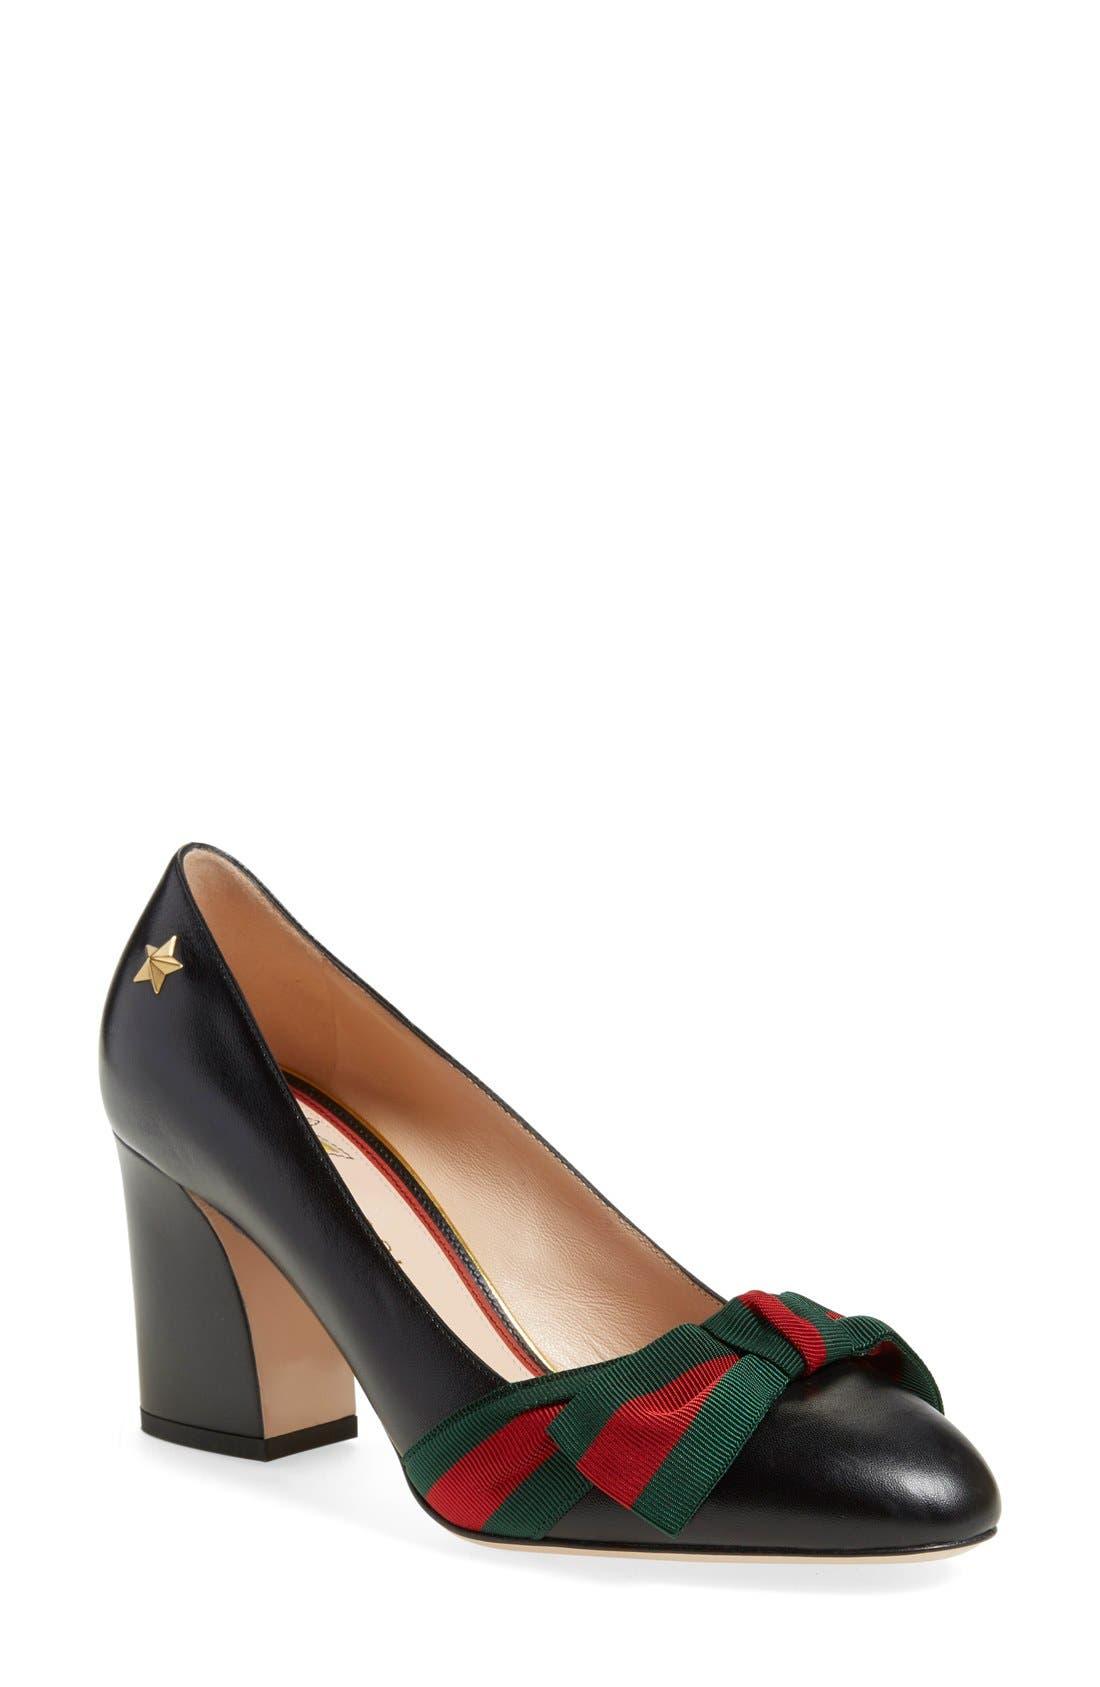 Main Image - Gucci 'Aline' Block Heel Pump (Women)